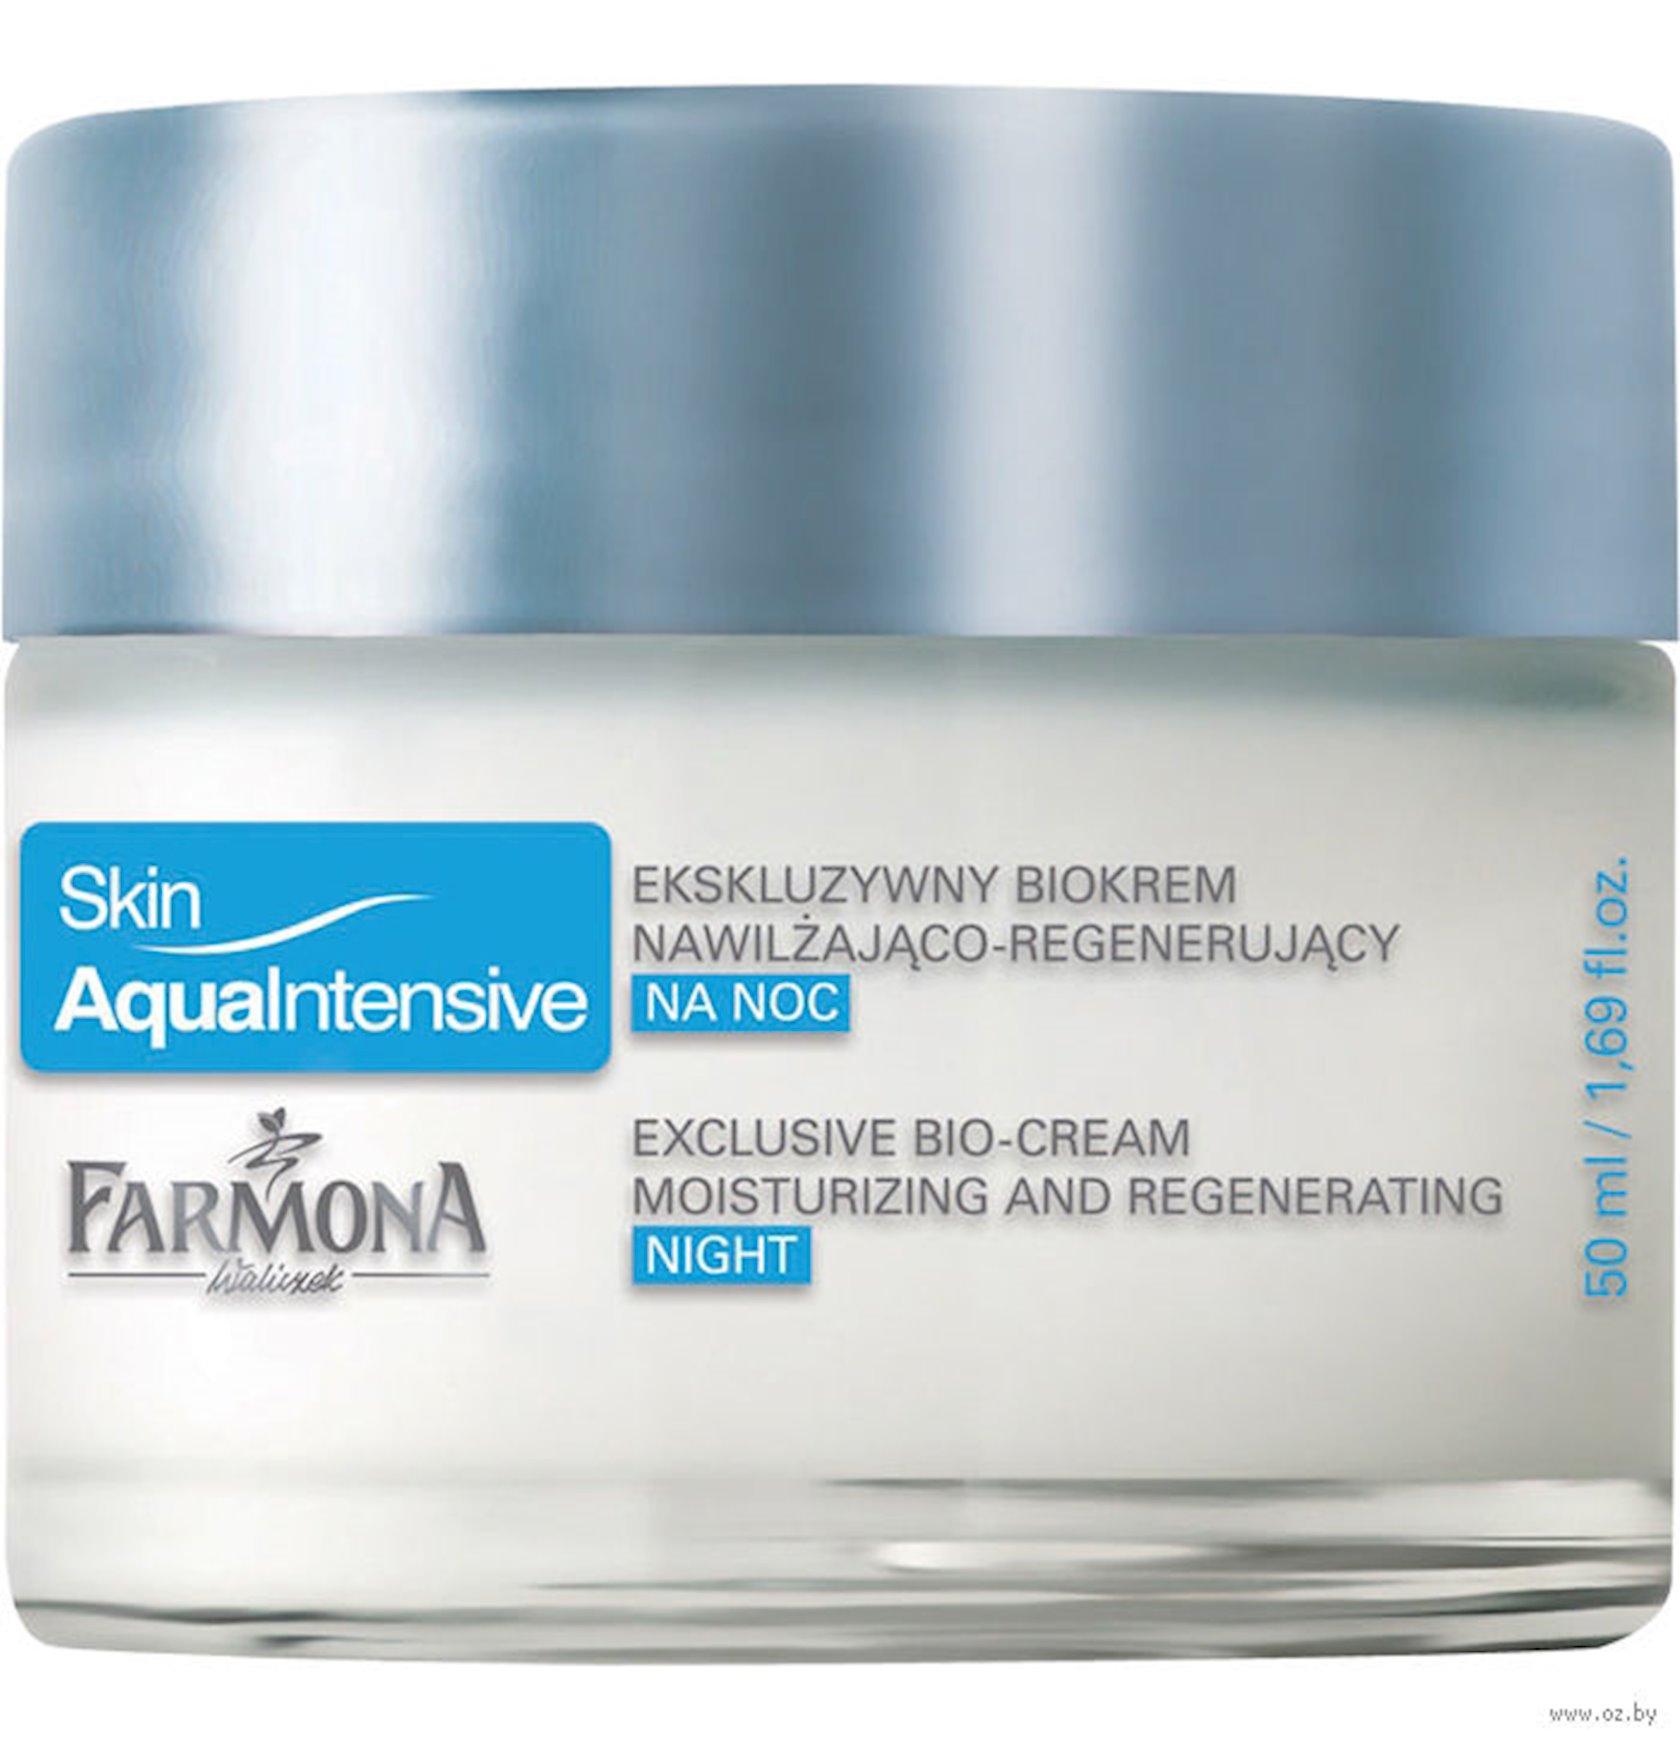 Üz üçün nəmləndirici gecə kremi Farmona Skin Aqua Intensive Face Cream 50 ml